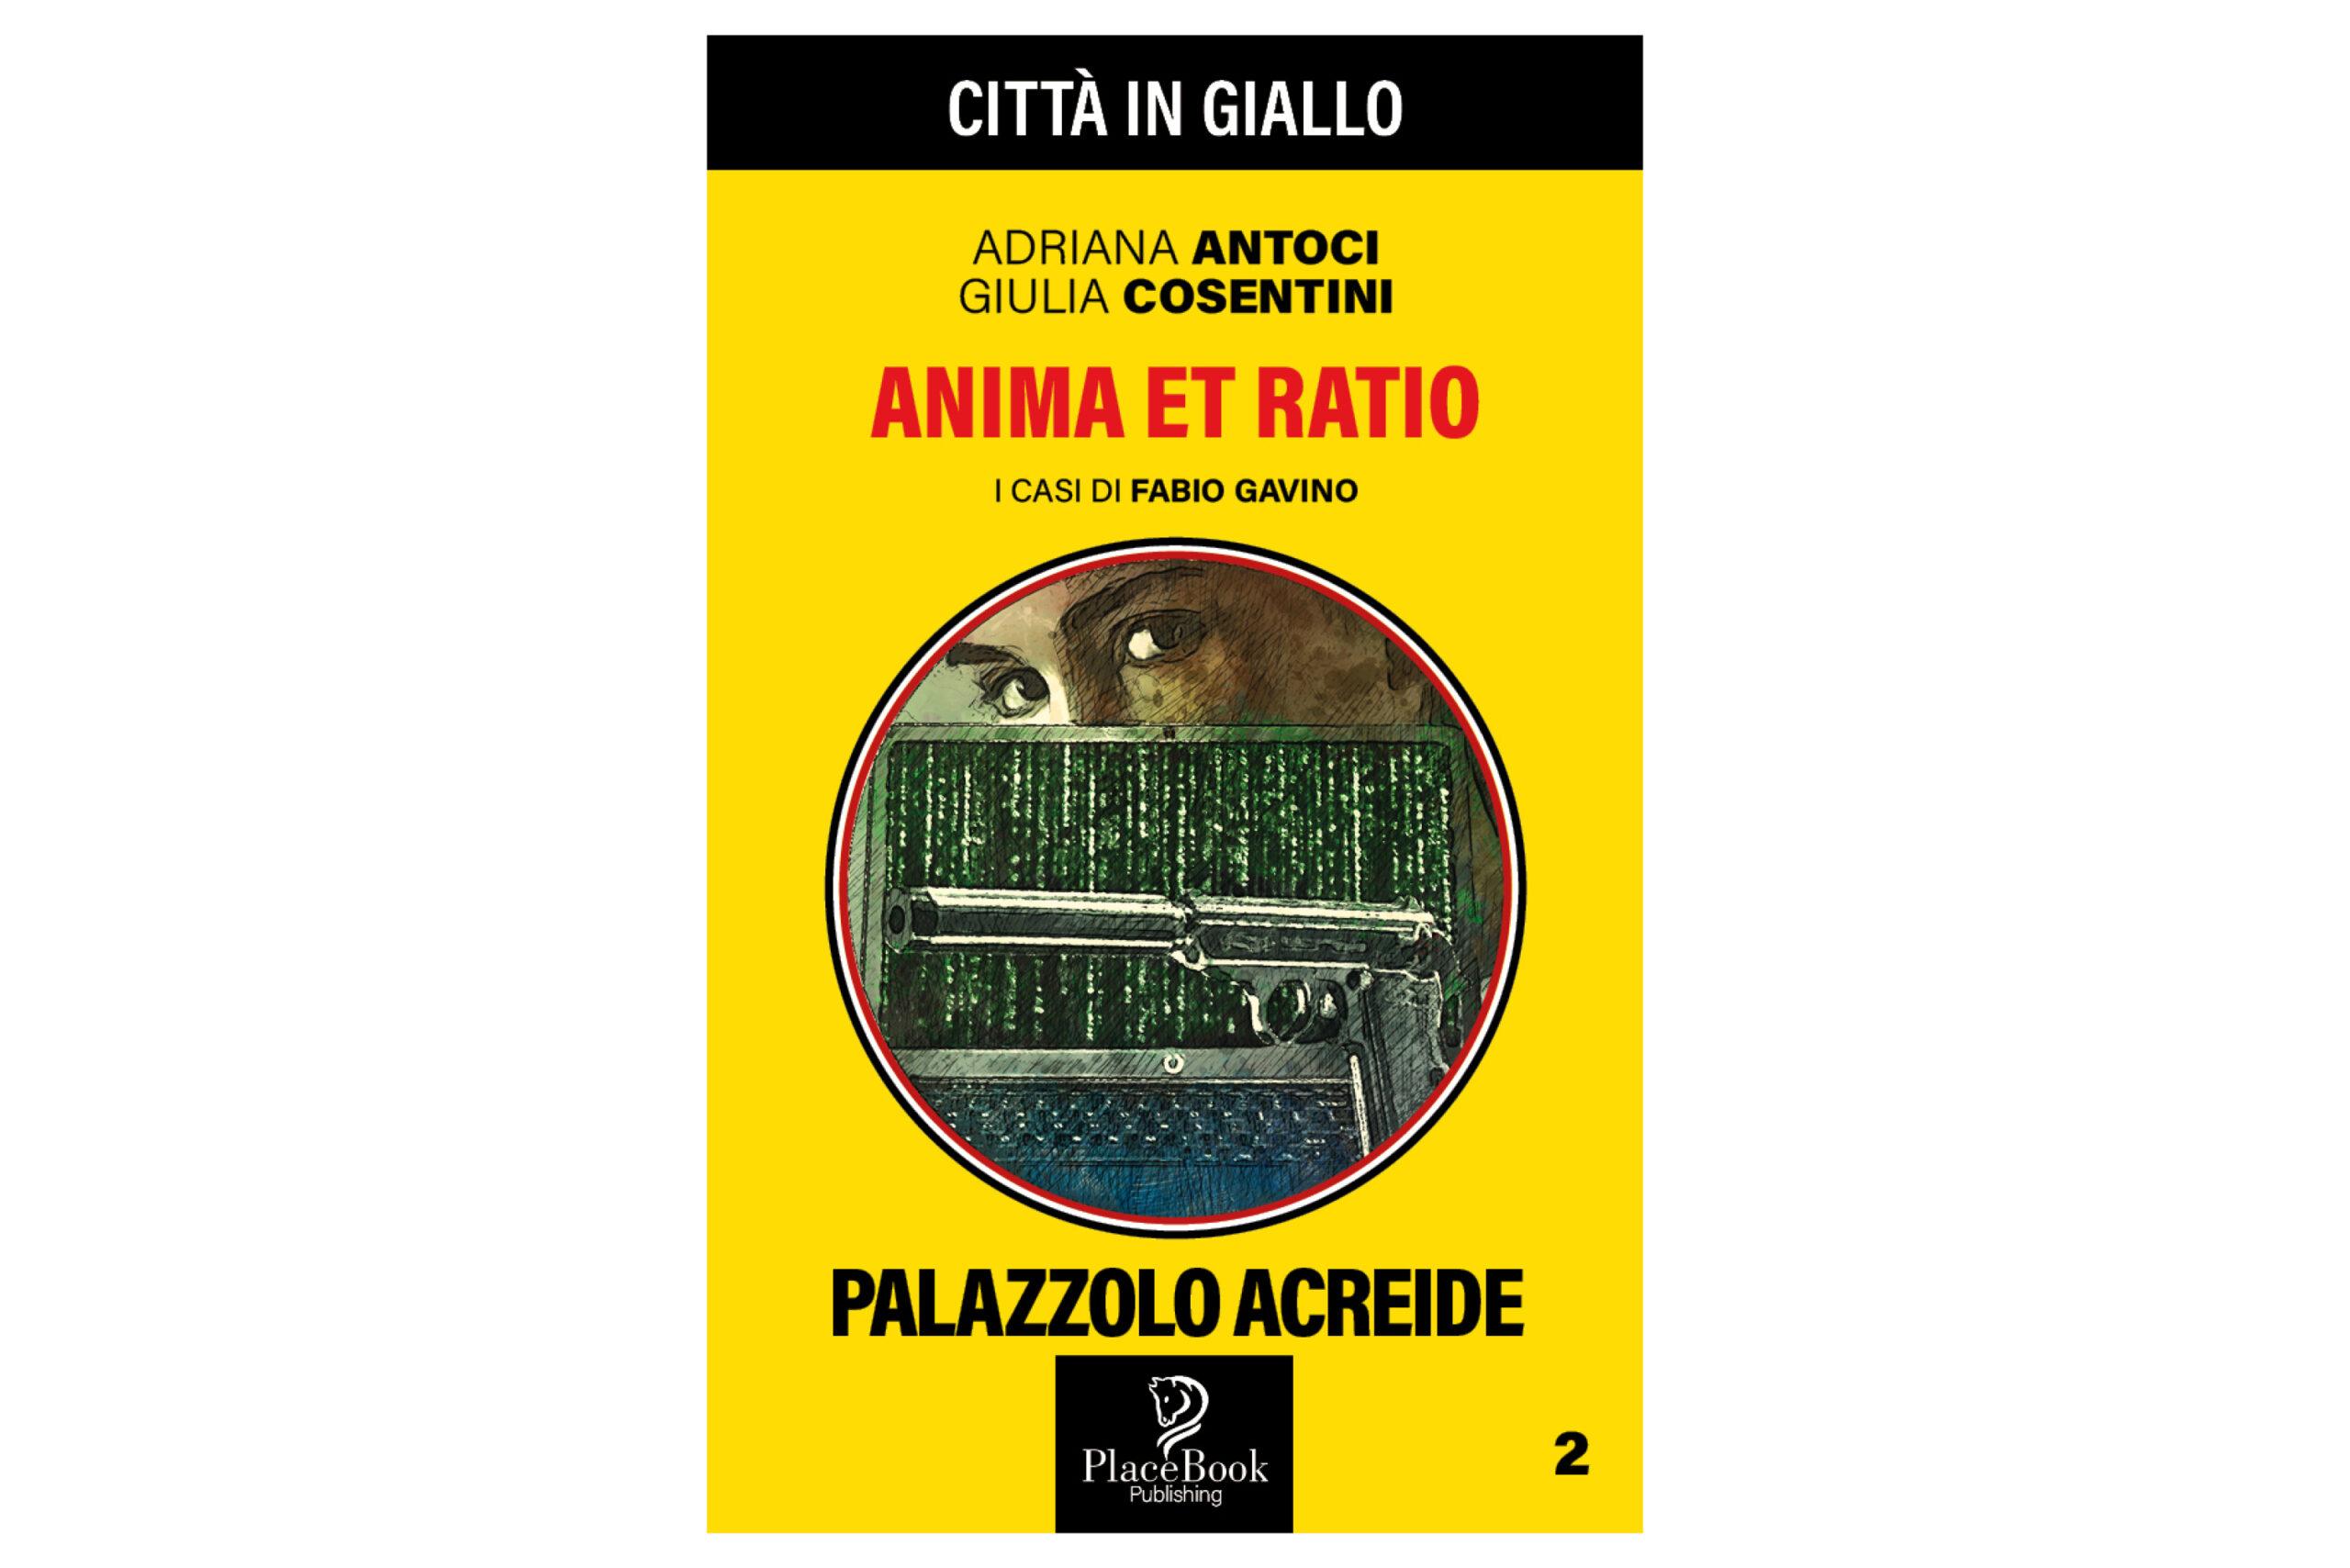 Anima et ratio – Palazzolo Acreide 2